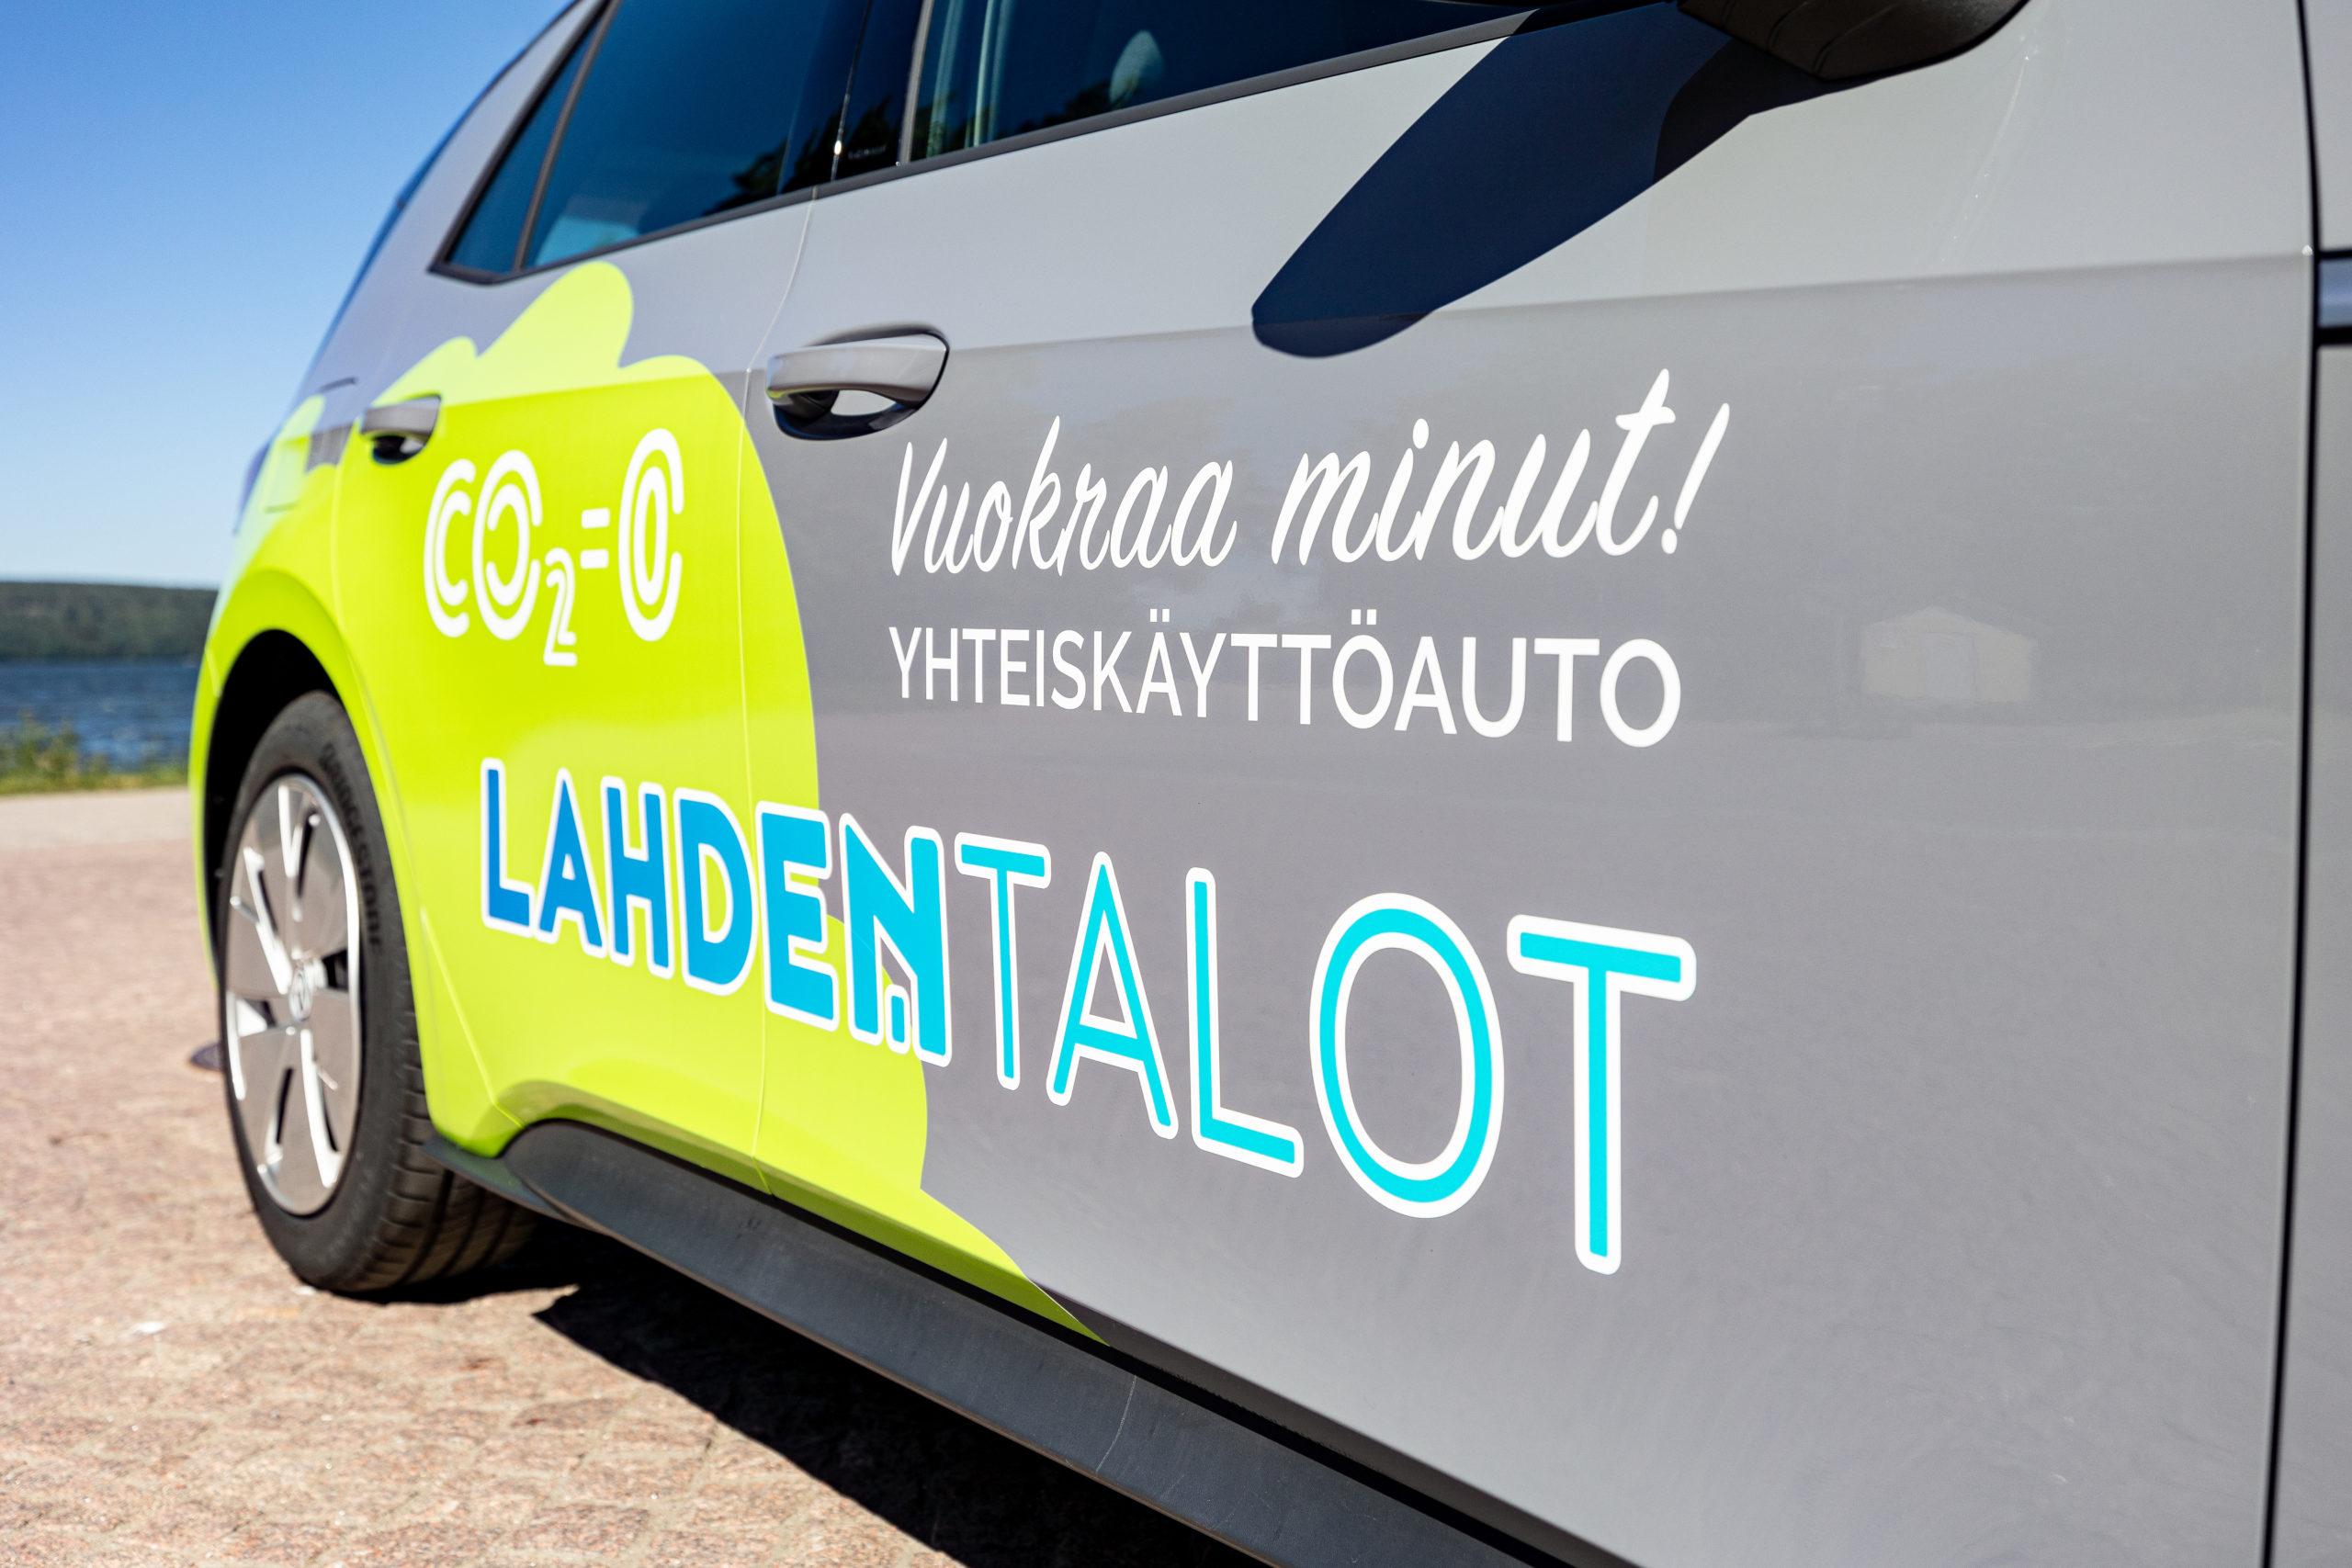 Lahden Talojen volkswagen täyssähköinen yhteiskäyttöauto.